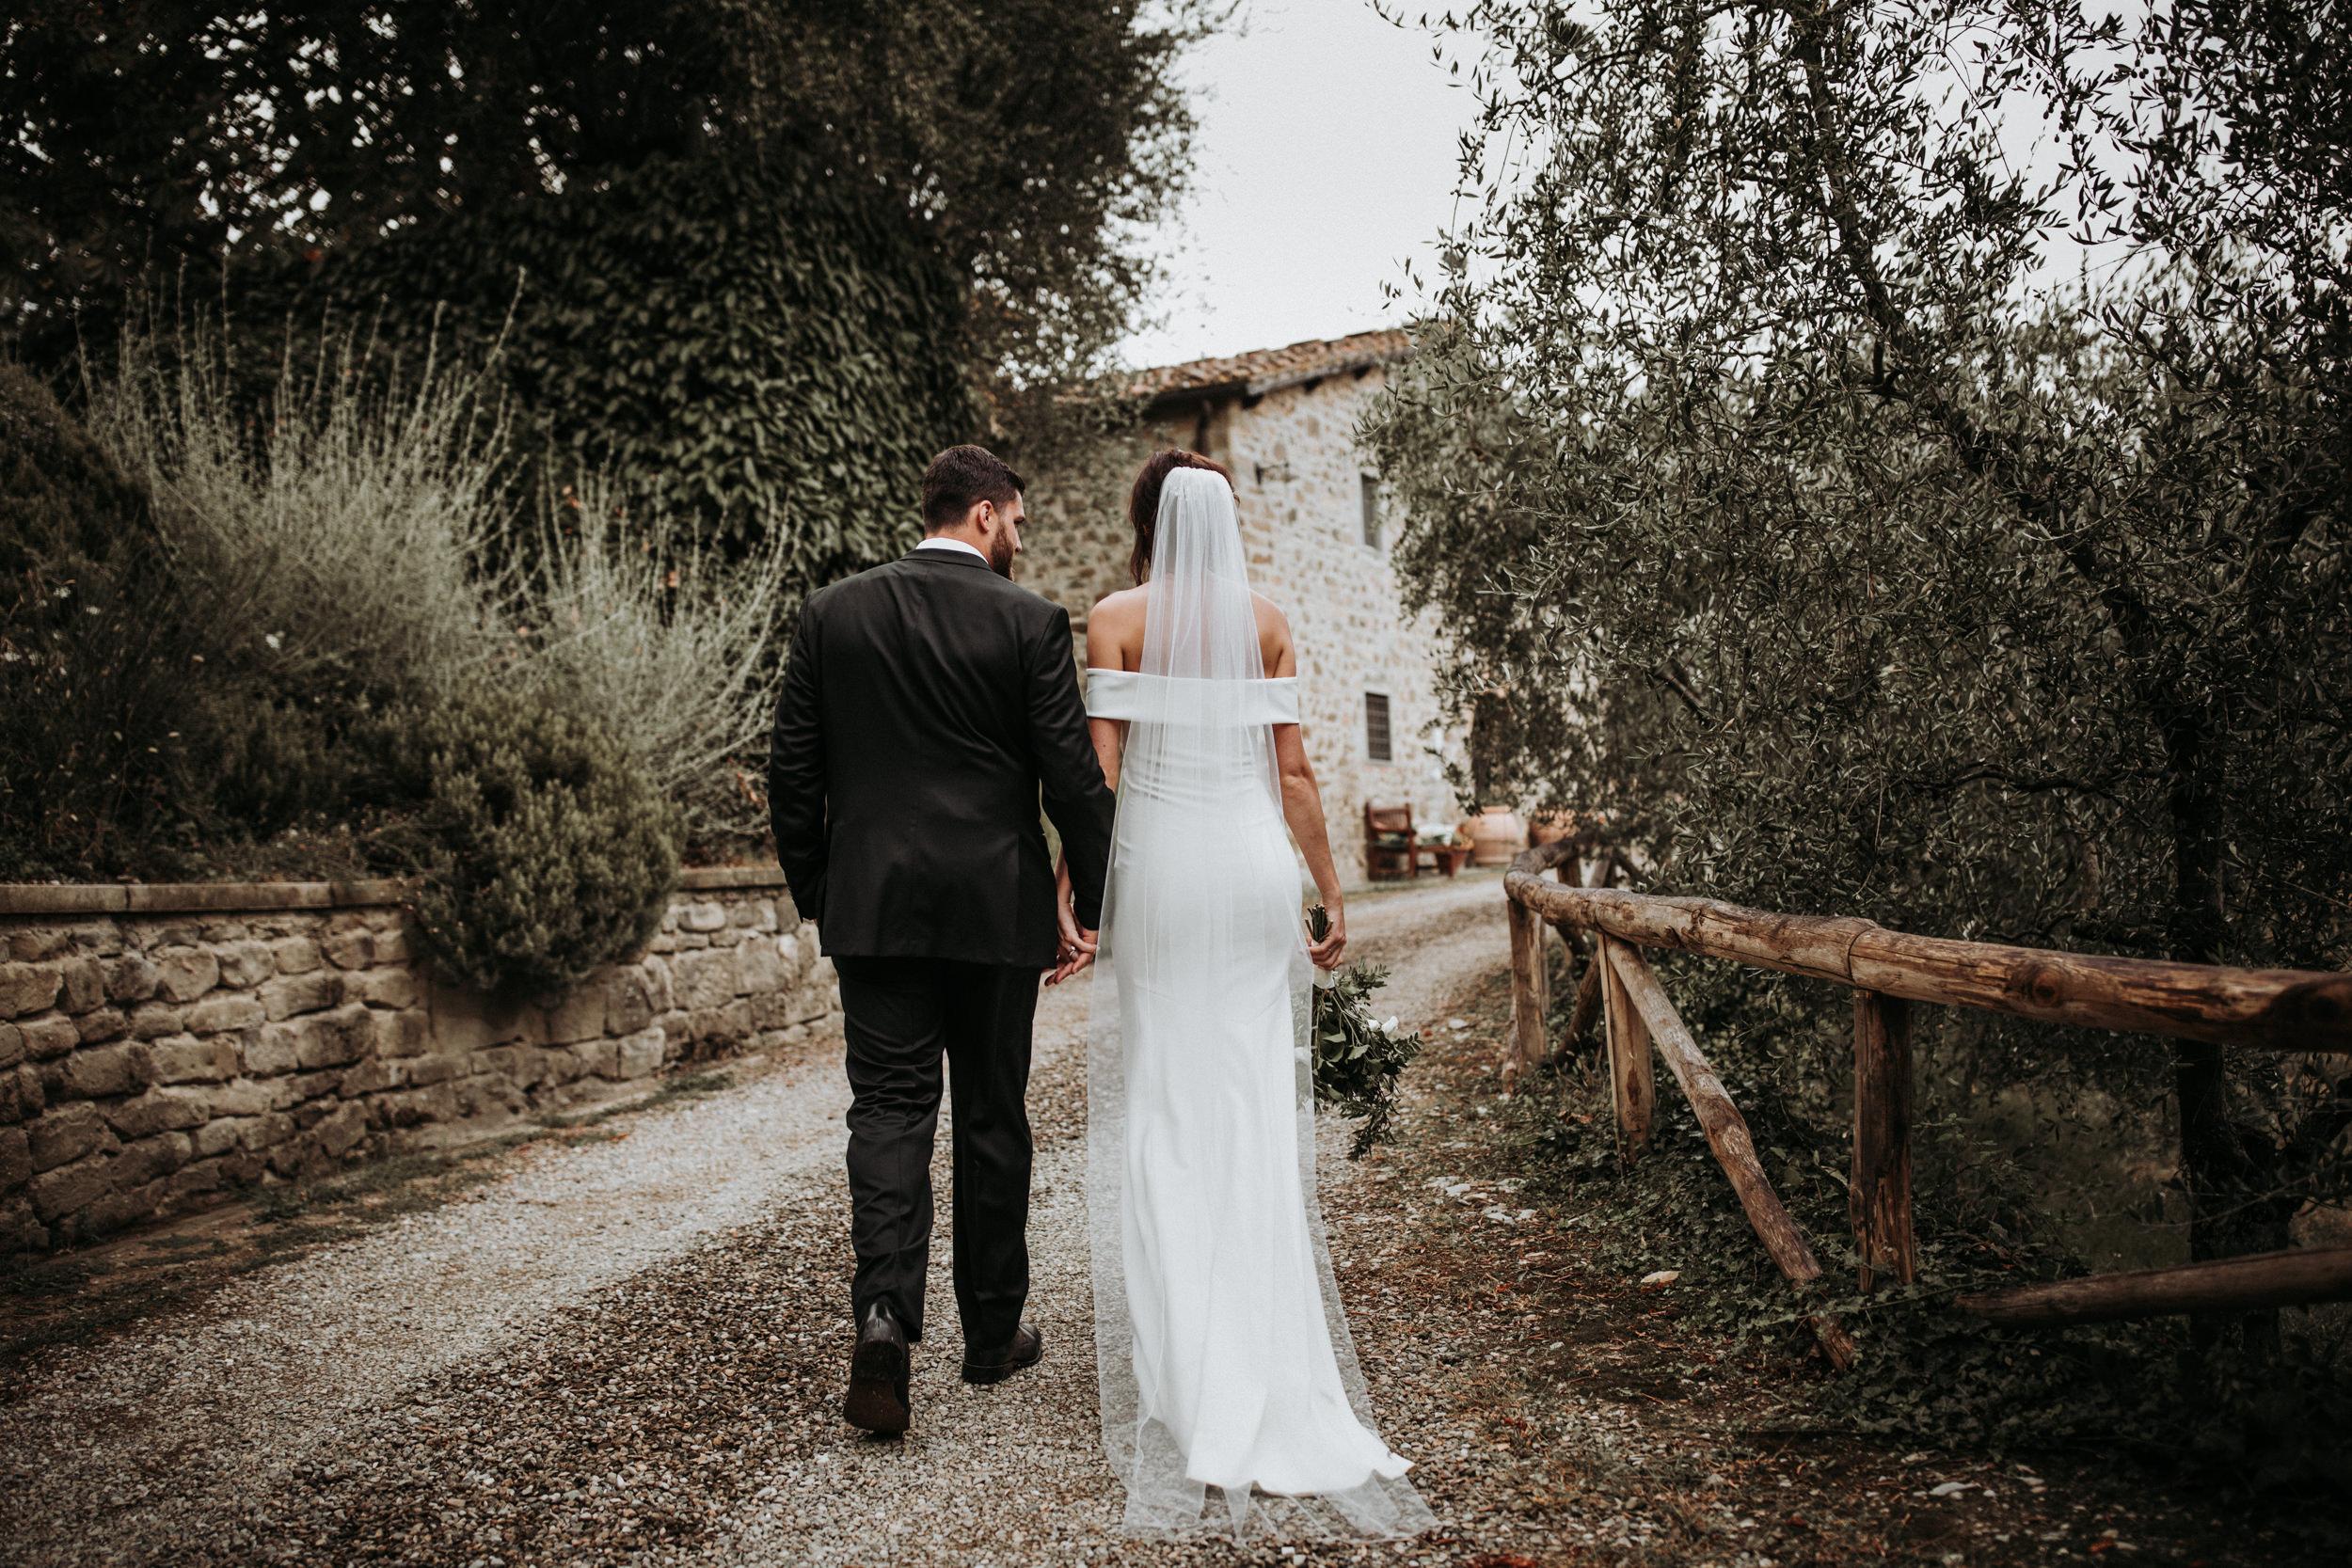 dm_photography_KW_Tuscanyweddingday_299